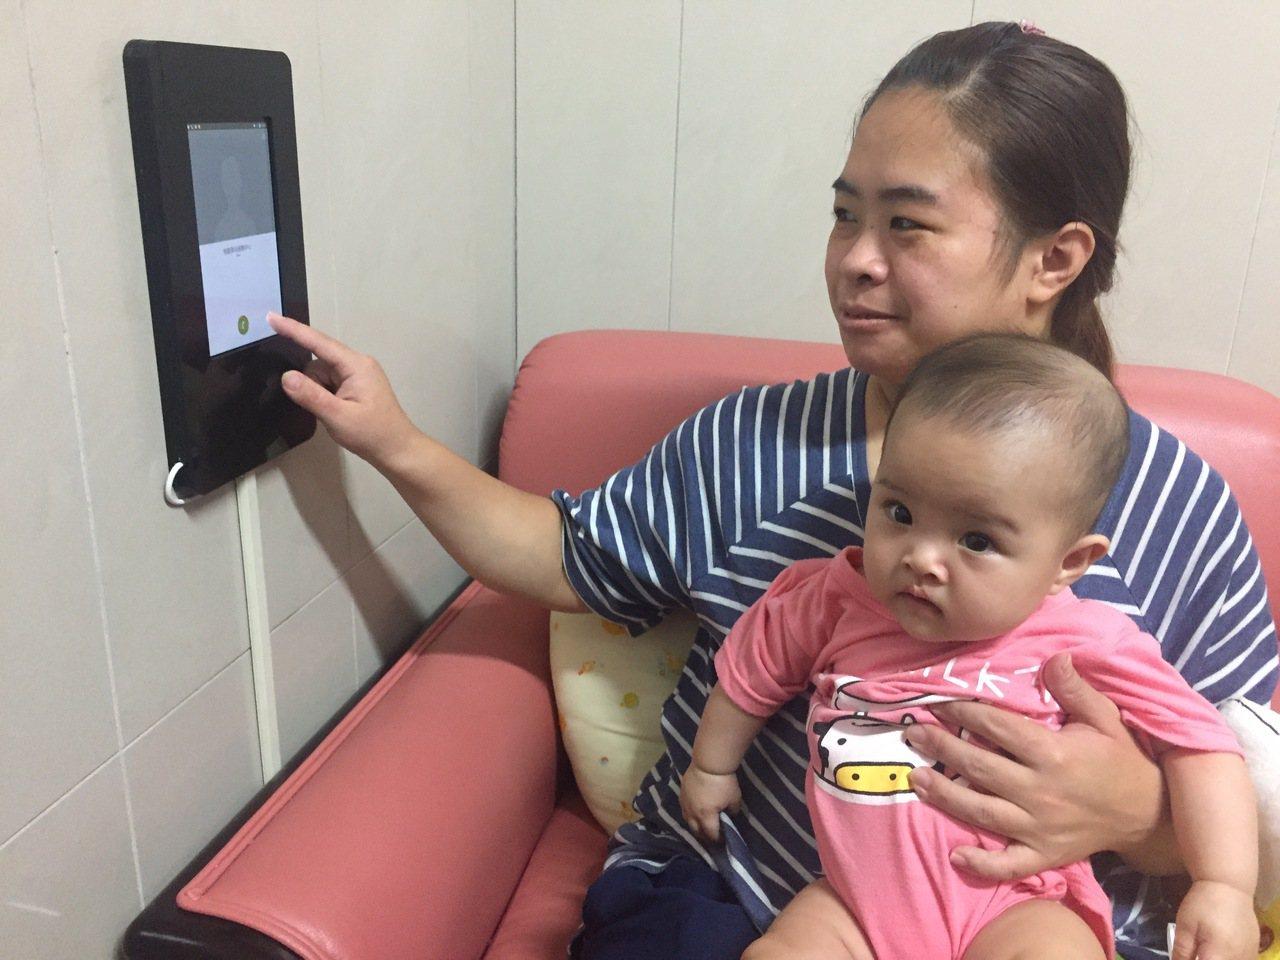 桃園火車站首創「AI哺乳室」,在哺乳沙發旁設置平板,媽媽若有疑慮可直接與站務員溝...